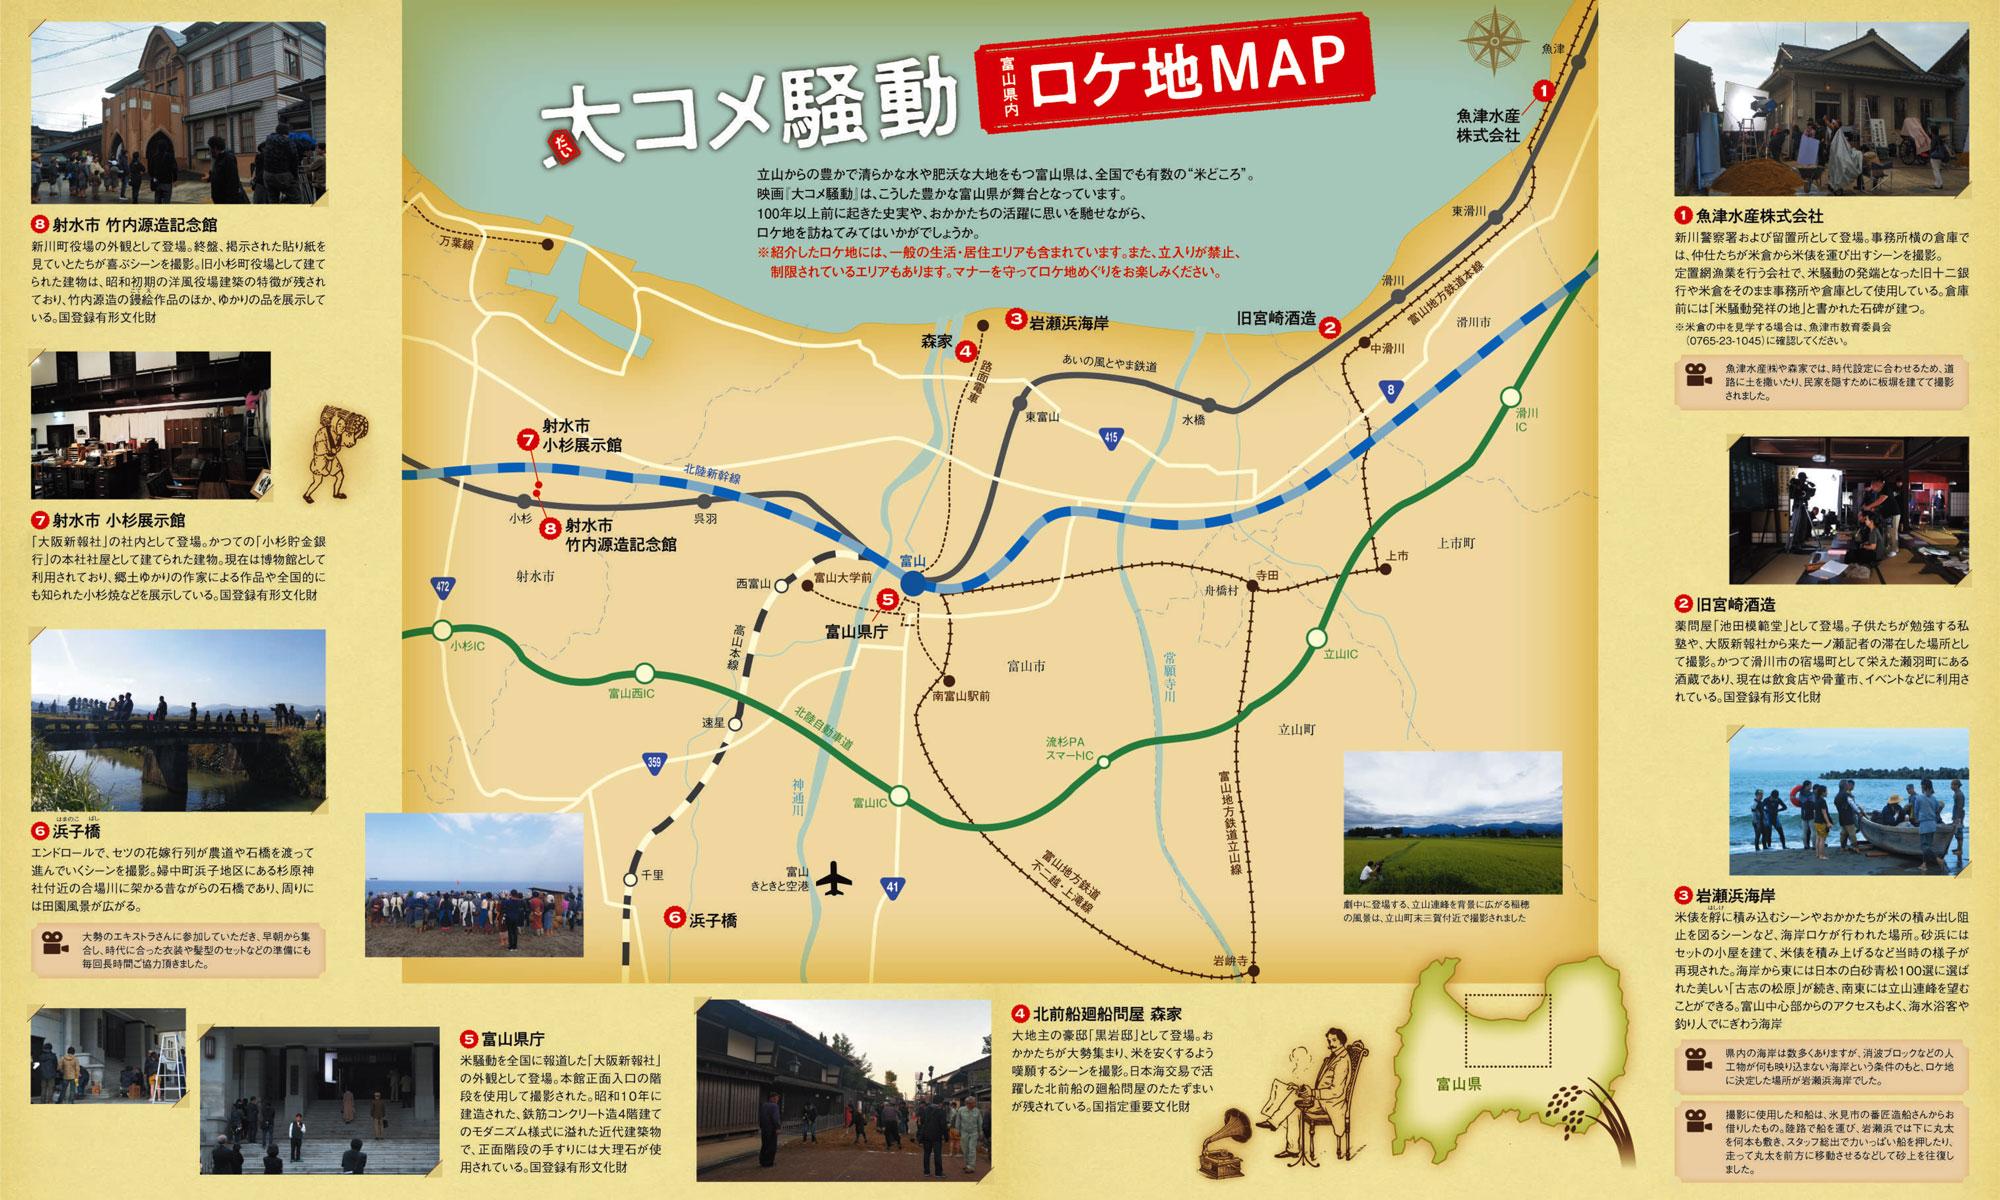 富山県がロケ地の映画『大コメ騒動』のロケ地マップ